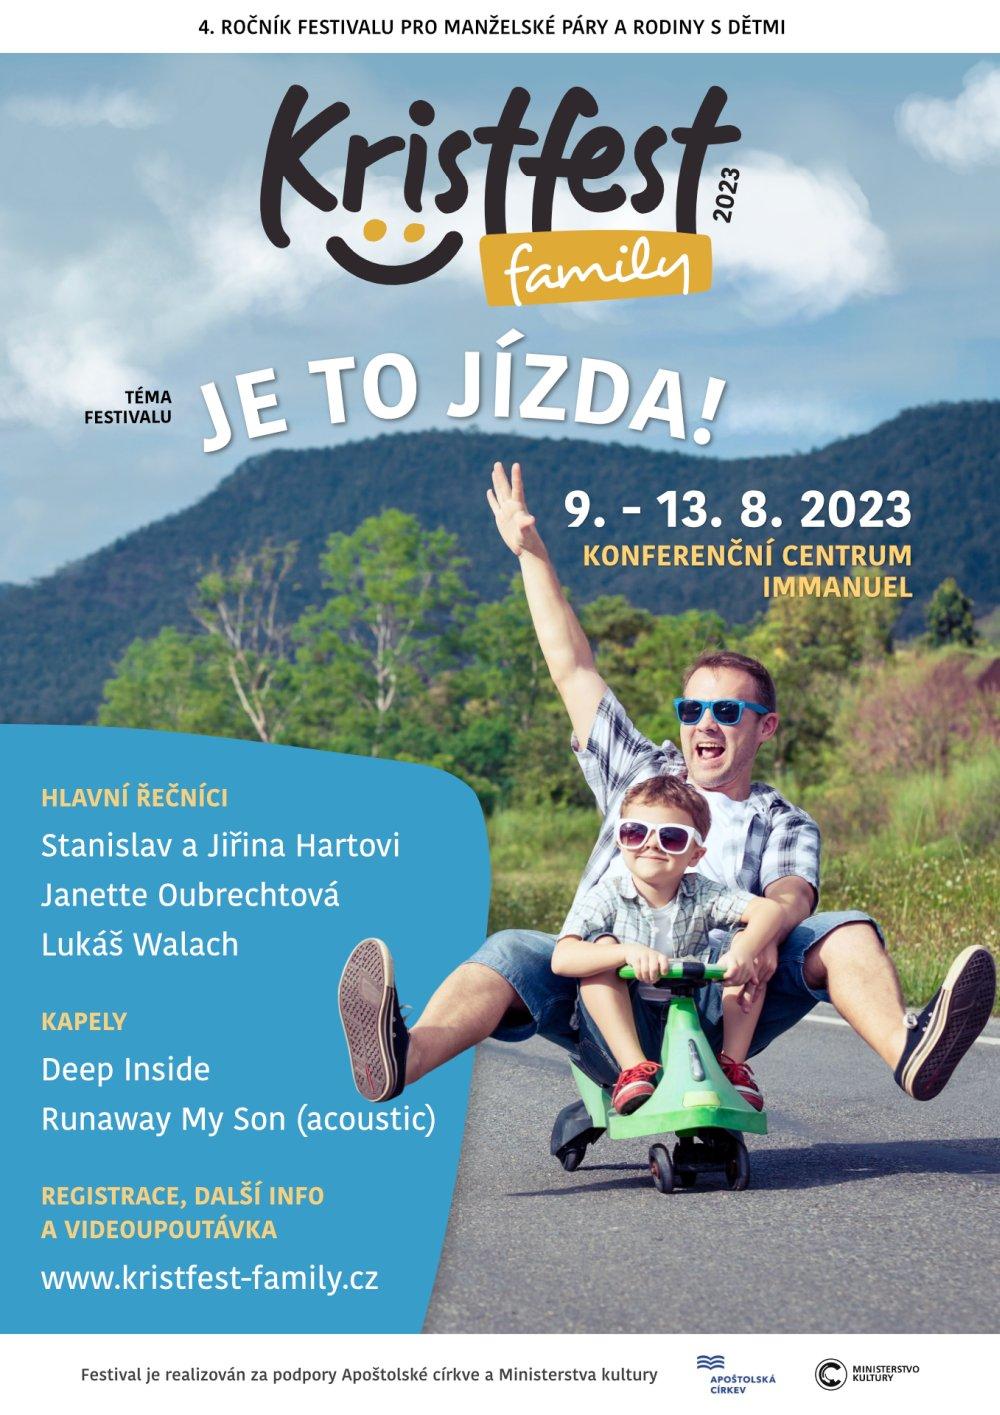 Plakát Kristfest family 2020